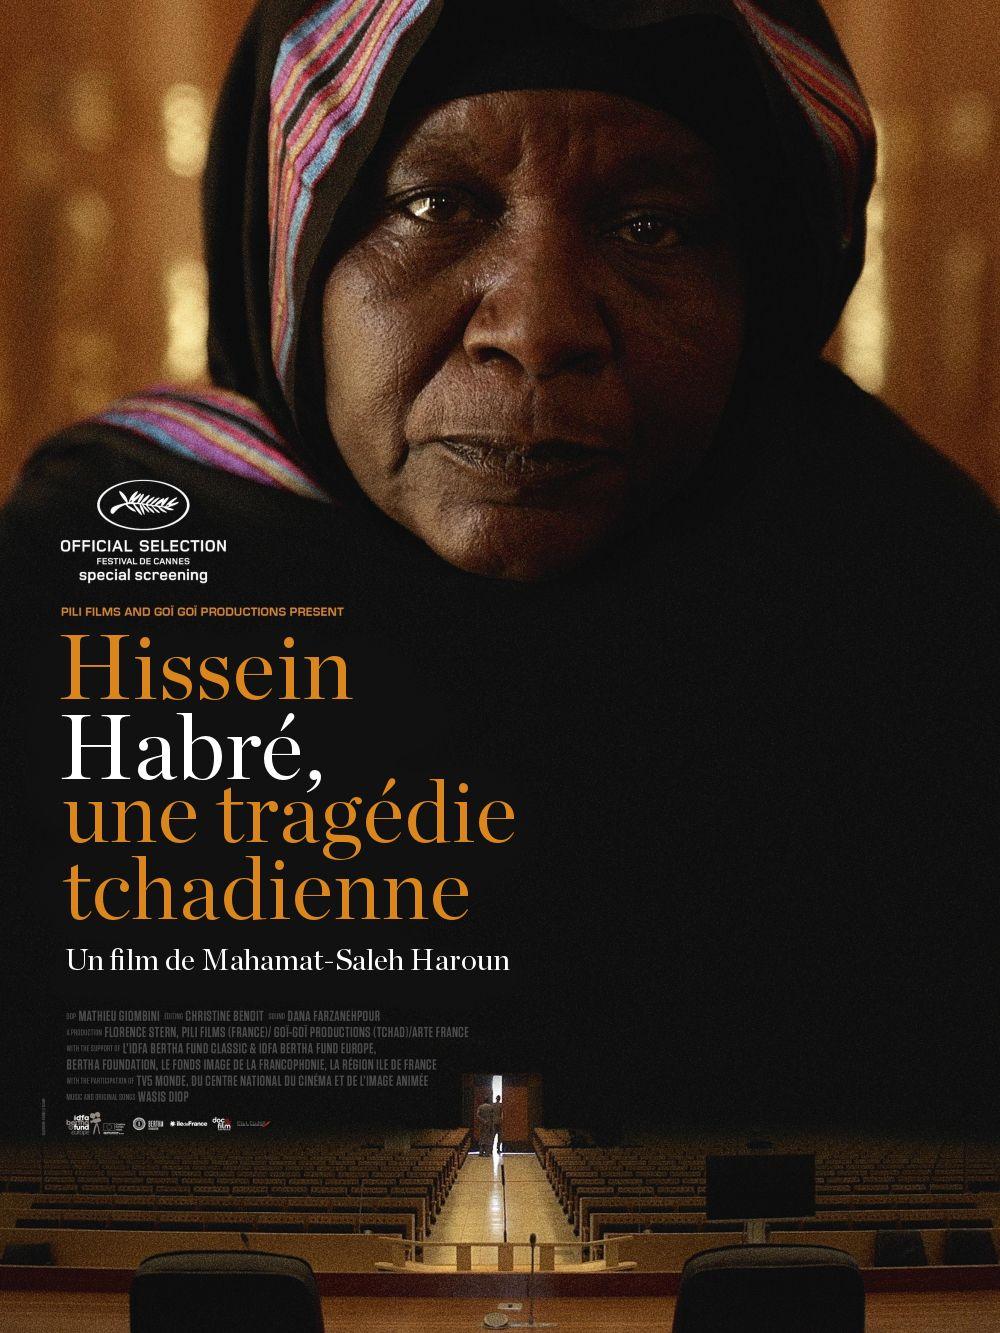 Movie poster of Hissein Habré, une tragédie tchadienne